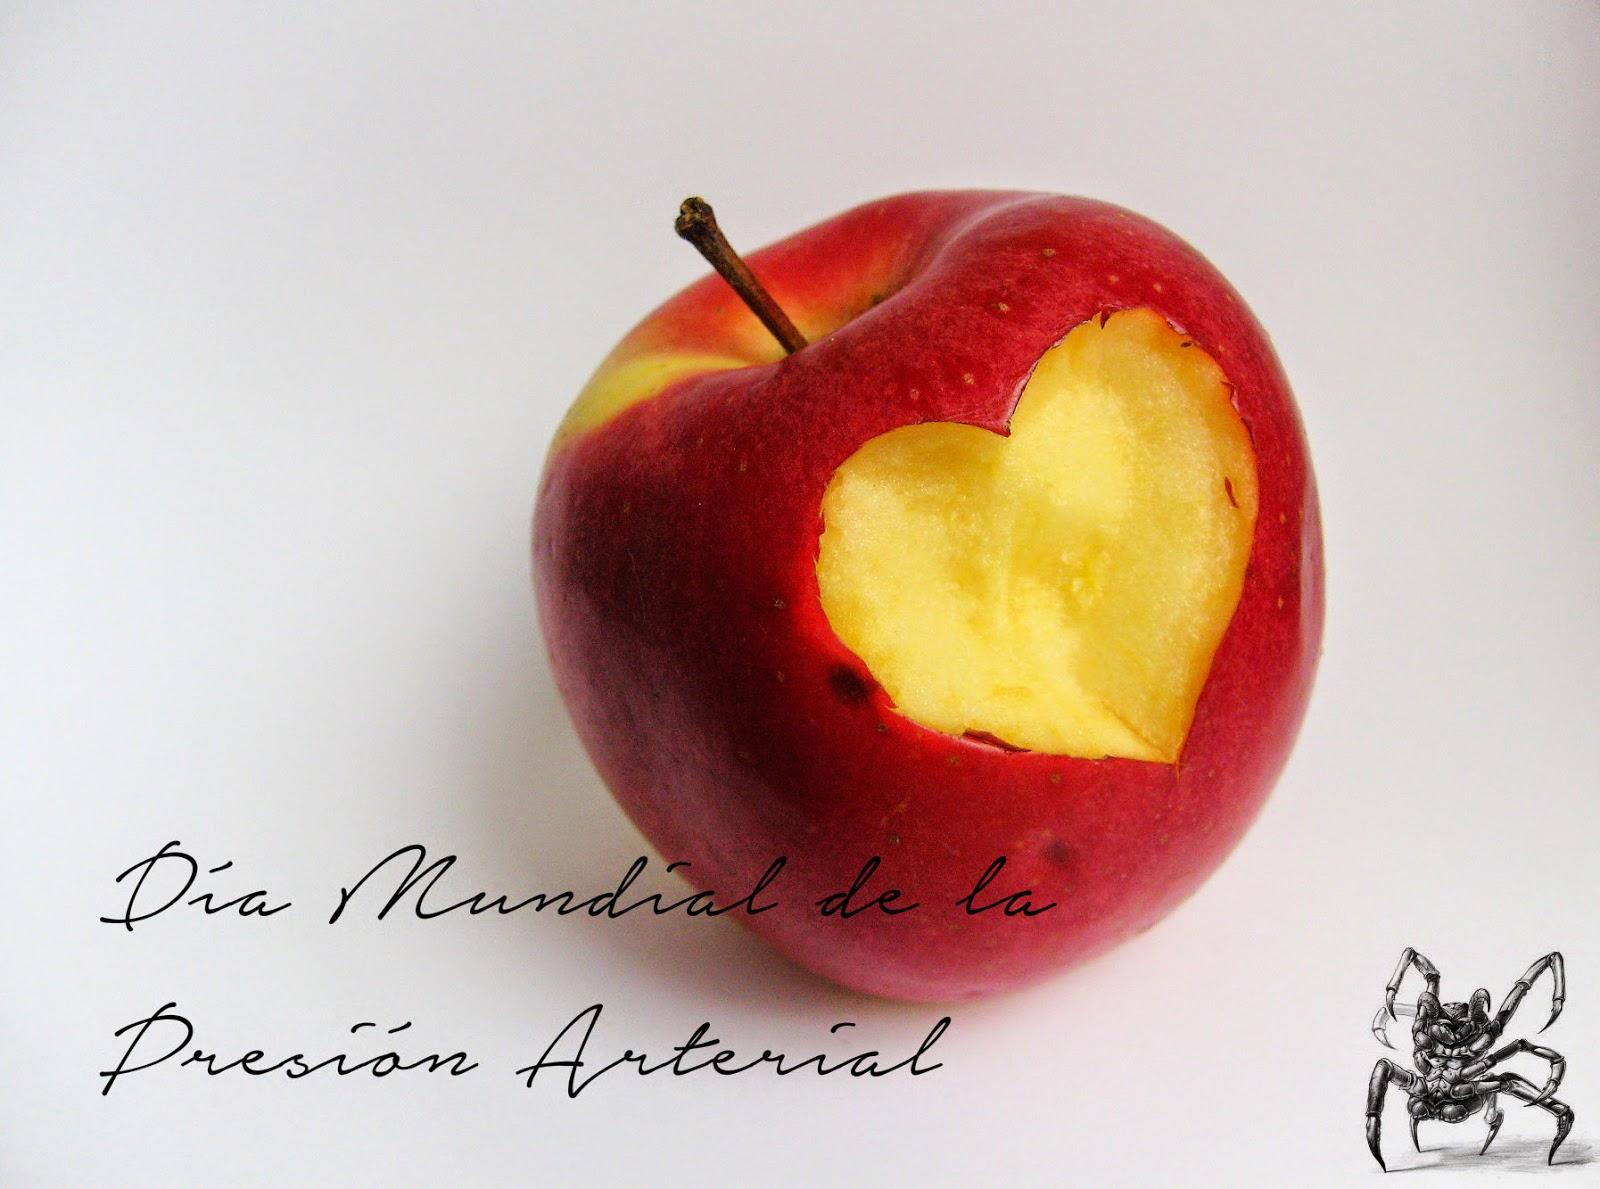 El 17 de mayo es el día mundial de la presión arterial